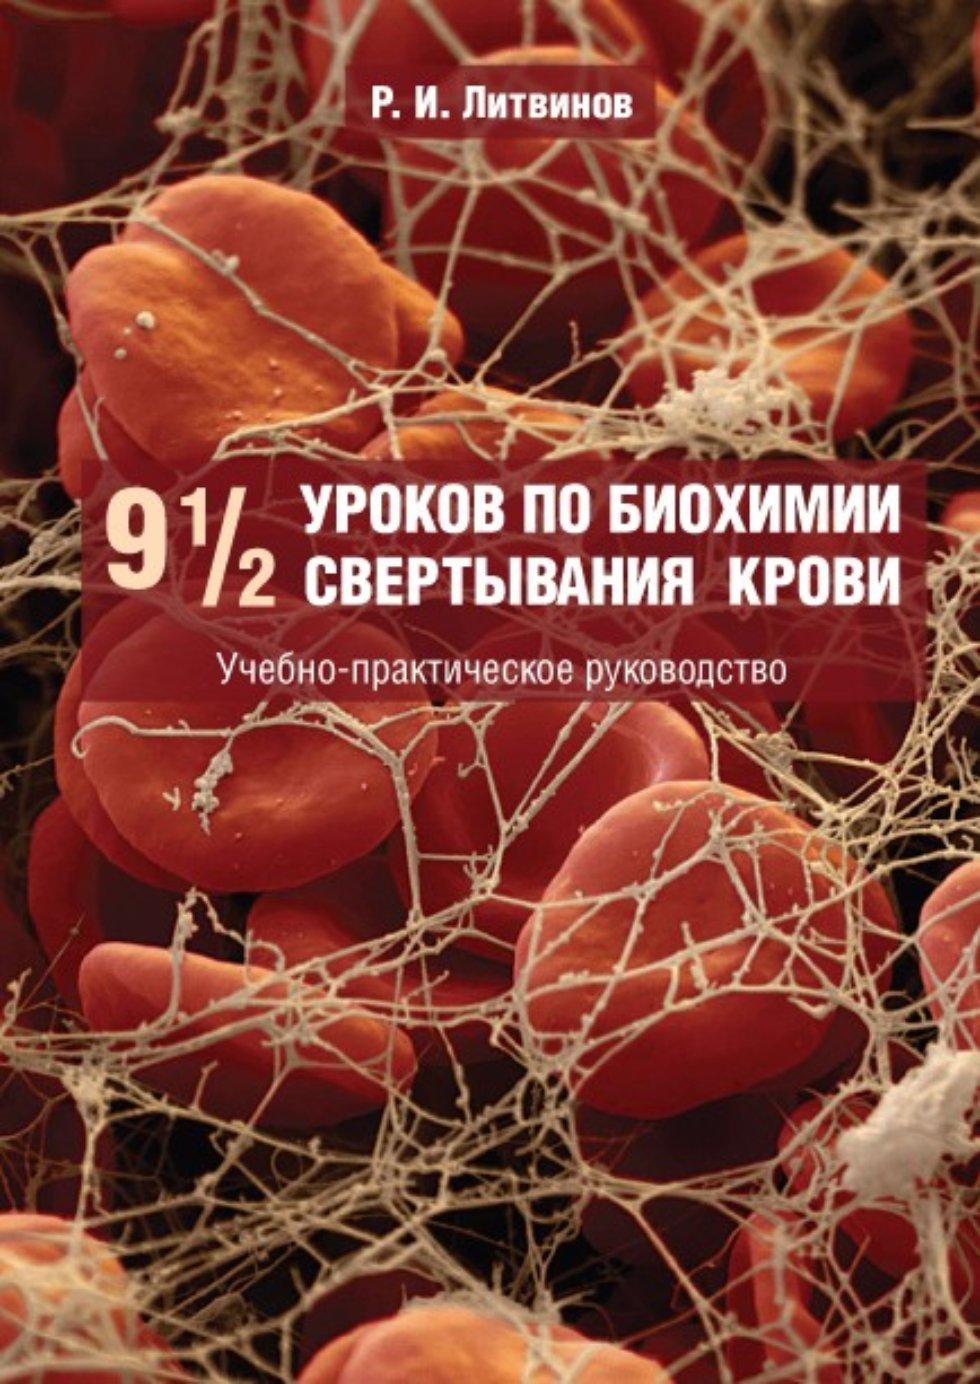 Образовательная деятельность ,образовательная деятельность, биоинформатика, 9 1/2 уроков по биохимии свертывания крови